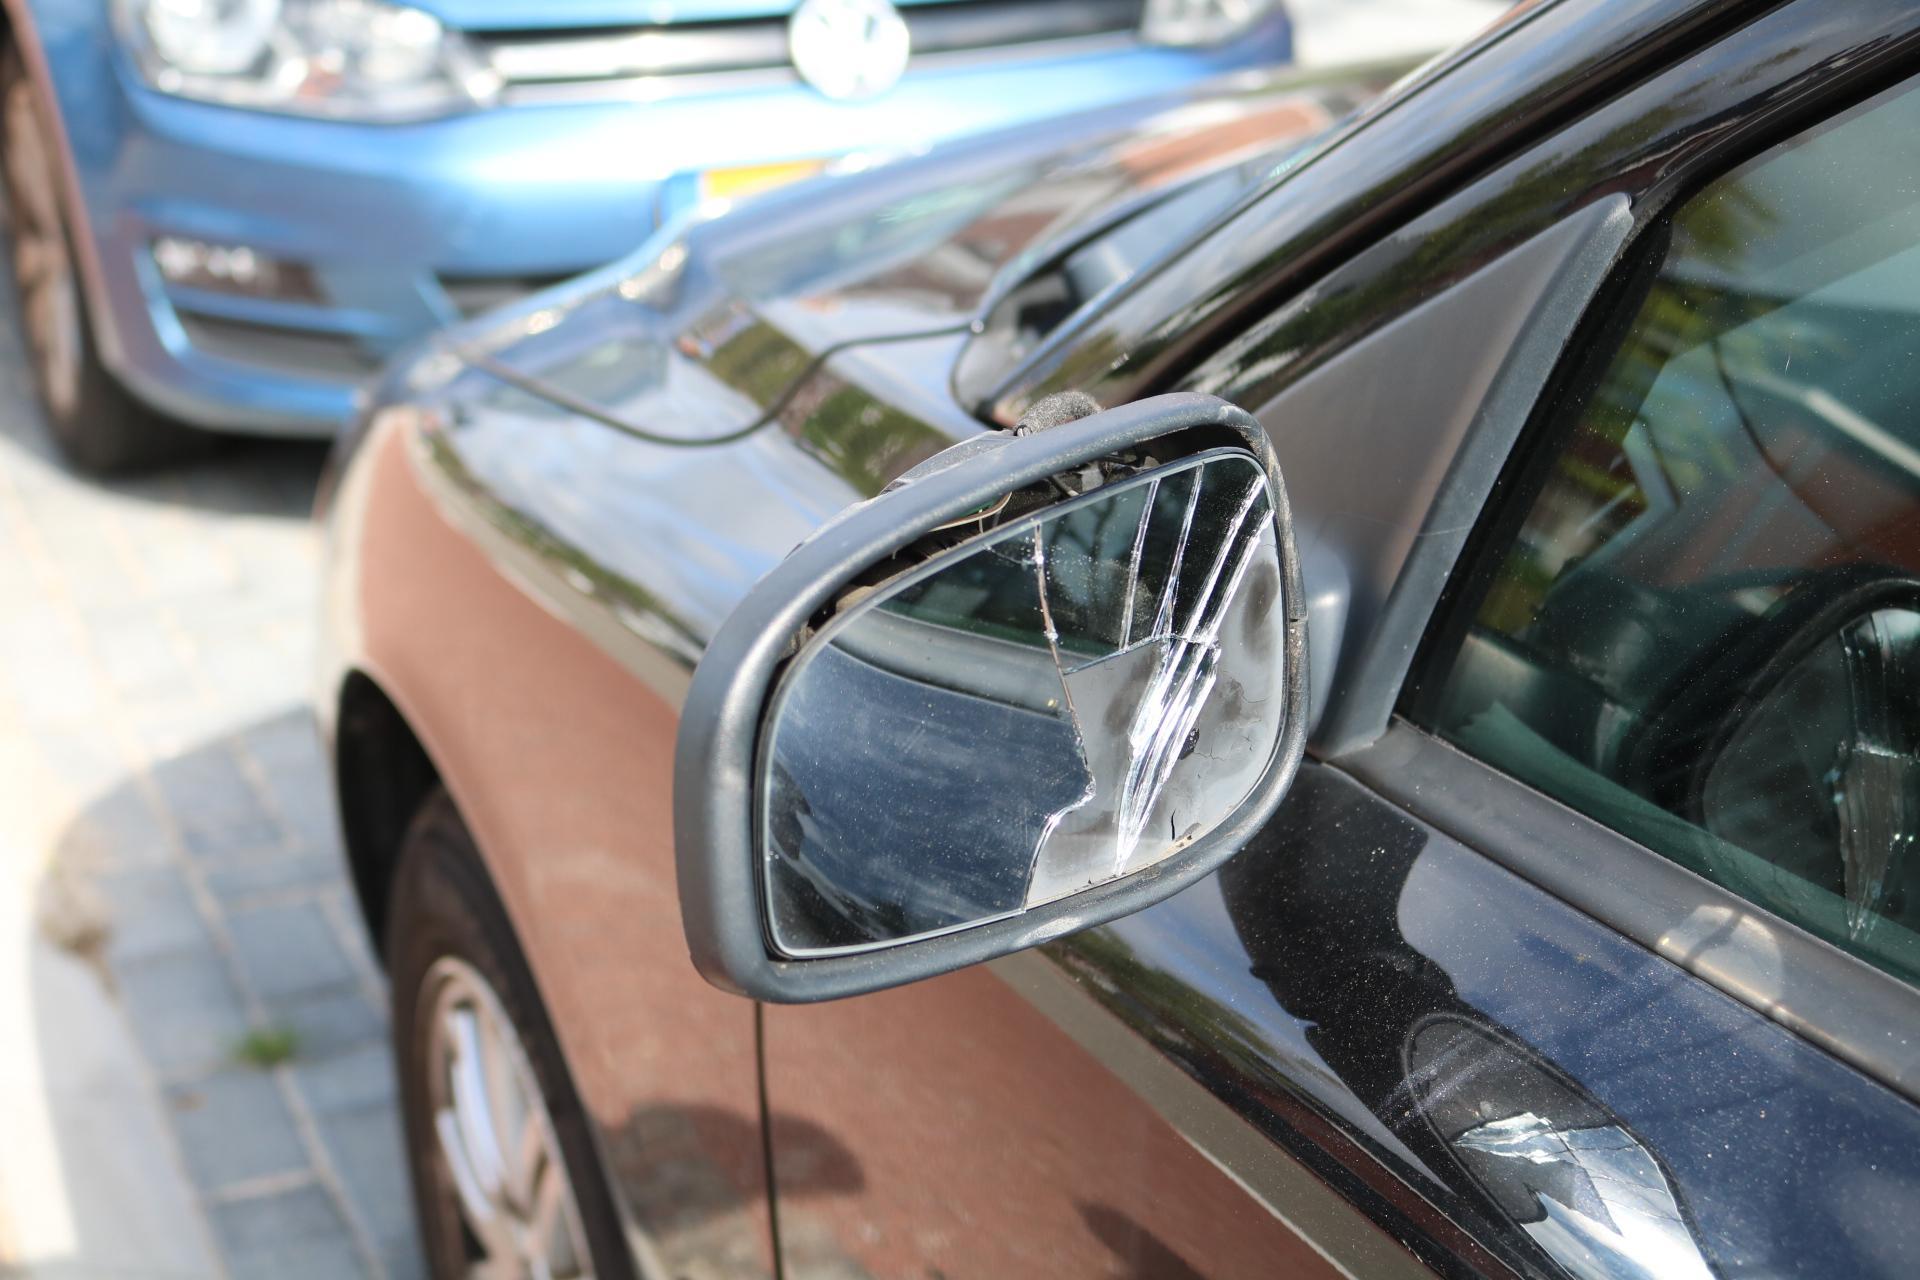 Vandalen slopen meerdere autospiegels tijdens feestweek in Voorhout